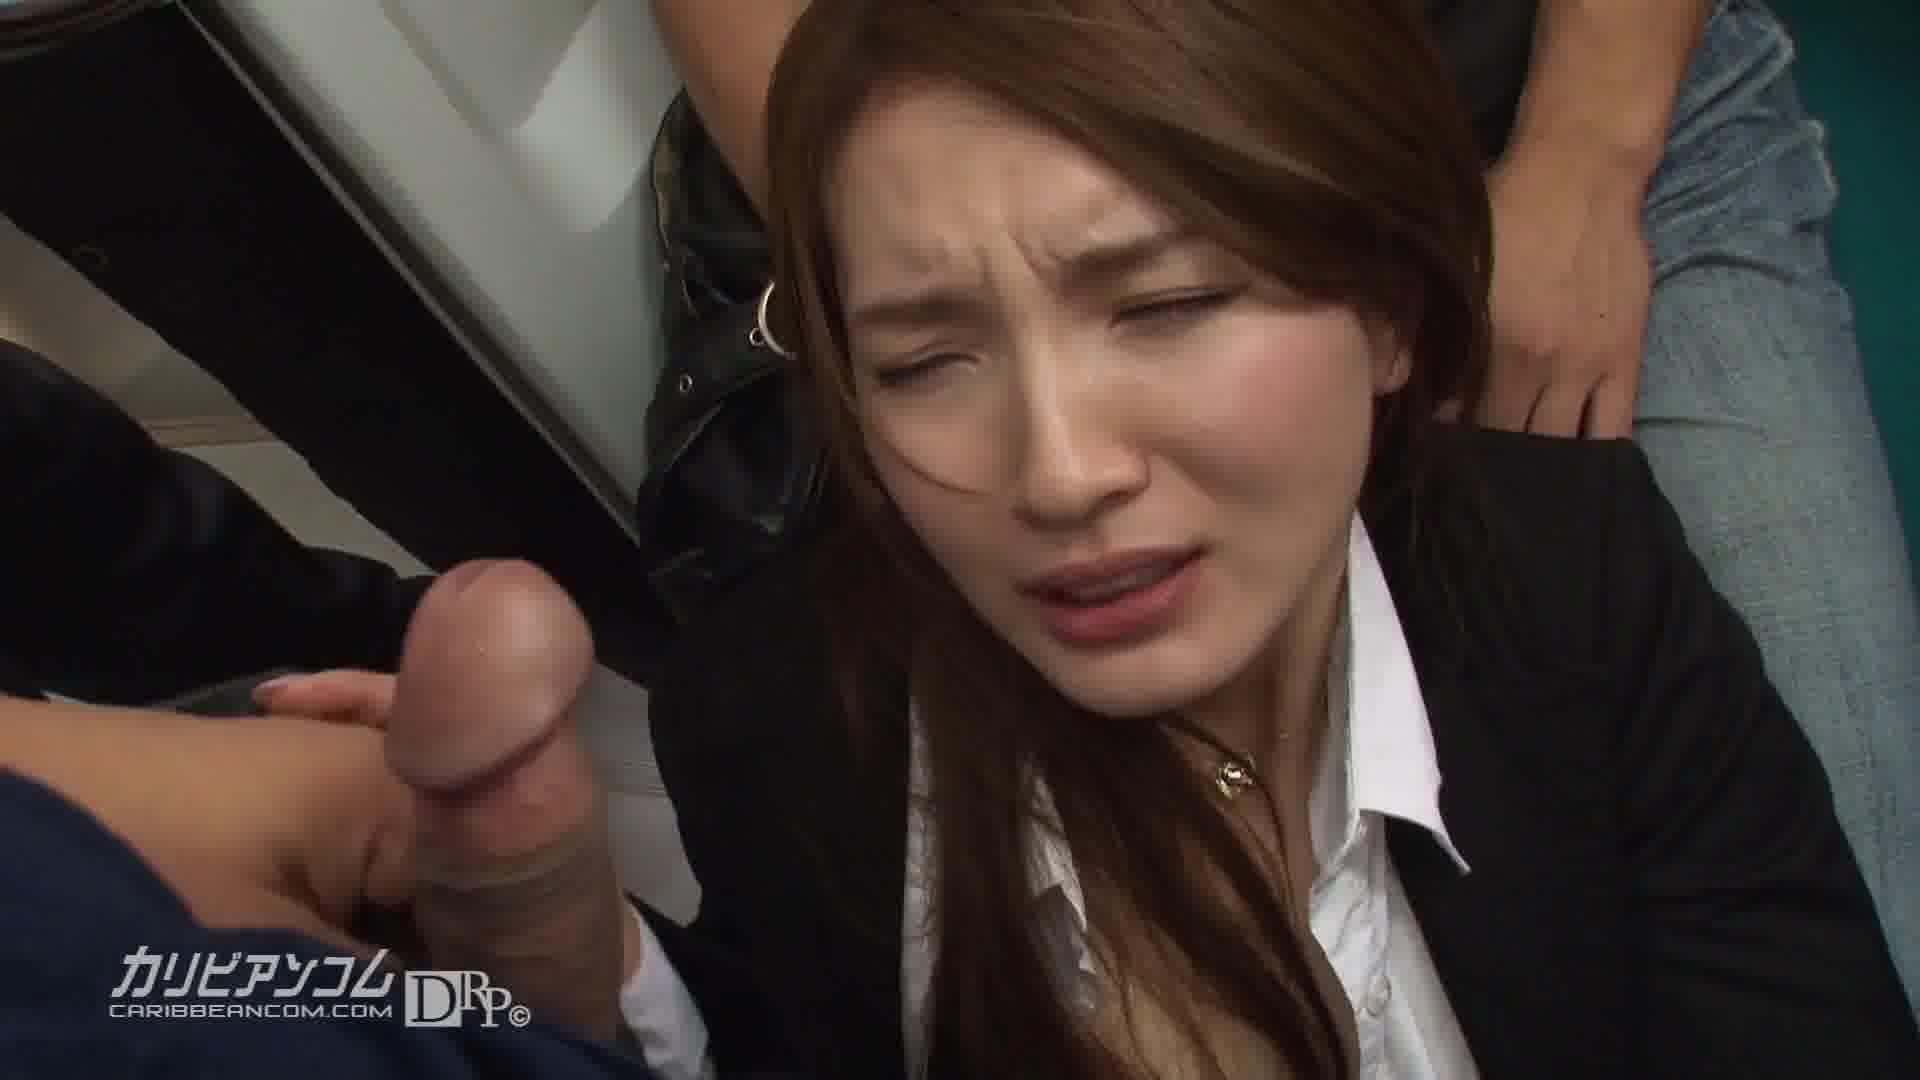 痴漢電車 ~狙われた美人OL~ - 葉山瞳【ぶっかけ・痴漢・OL】